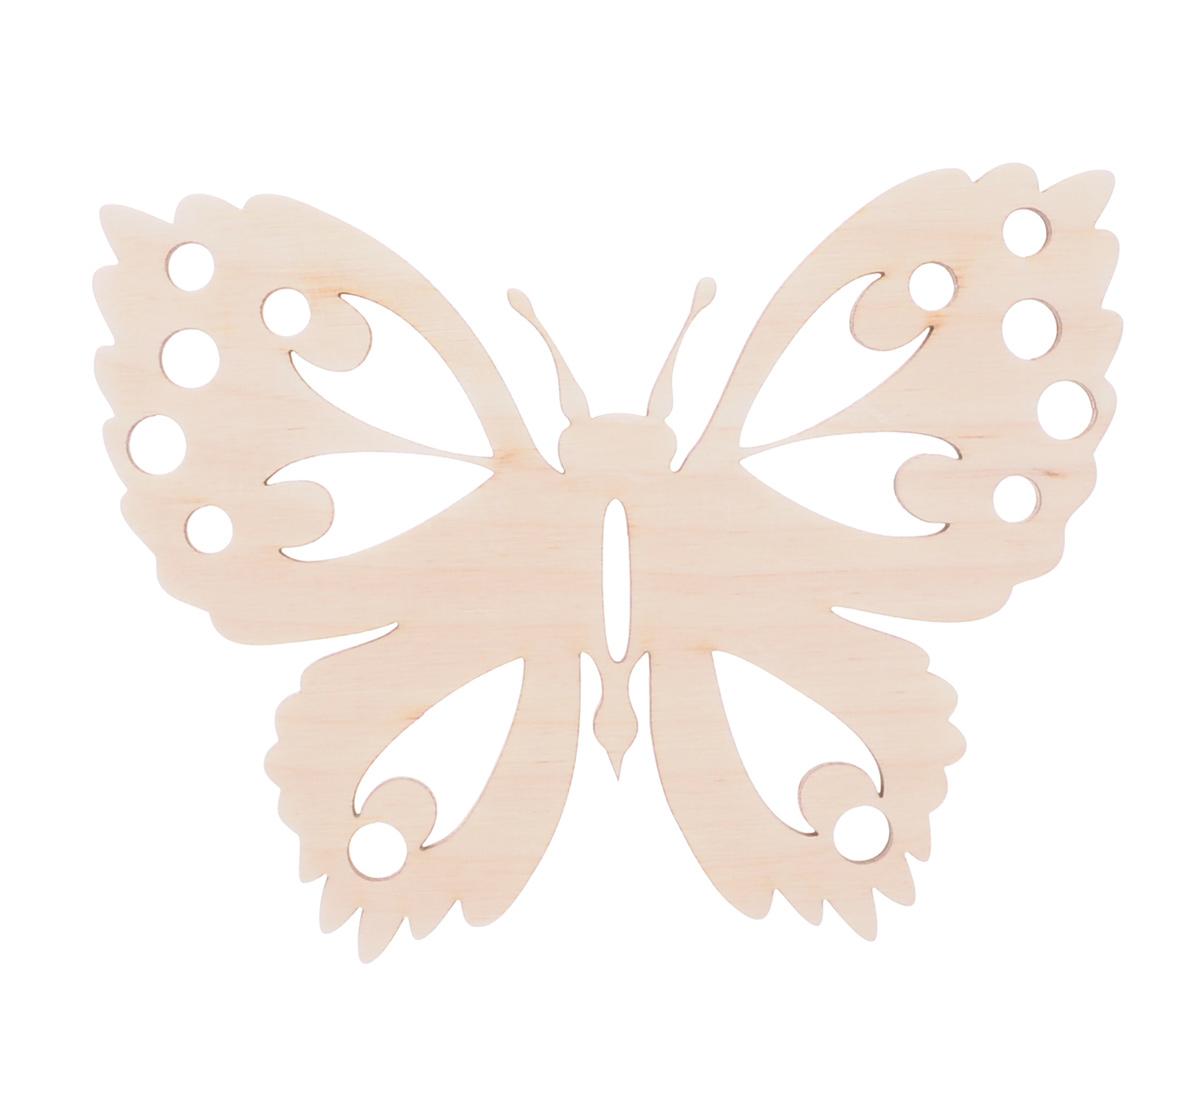 Деревянная заготовка Астра Бабочка, 15 х 11,6 см686493Заготовка Астра Бабочка, изготовленная из дерева, станет хорошей основой для вашего творчества. Заготовку можно украсить бисером, блестками, тесьмой, кружевом - возможности не ограничены. Творческий процесс развивает воображение, учит видеть сказку в обыденных вещах, ведь для нее всегда есть место в нашей жизни! Заготовка Астра Бабочка станет идеальным украшением интерьера вашего дома и подарит вам отличное настроение. Размер заготовки: 15 см х 11,6 см.